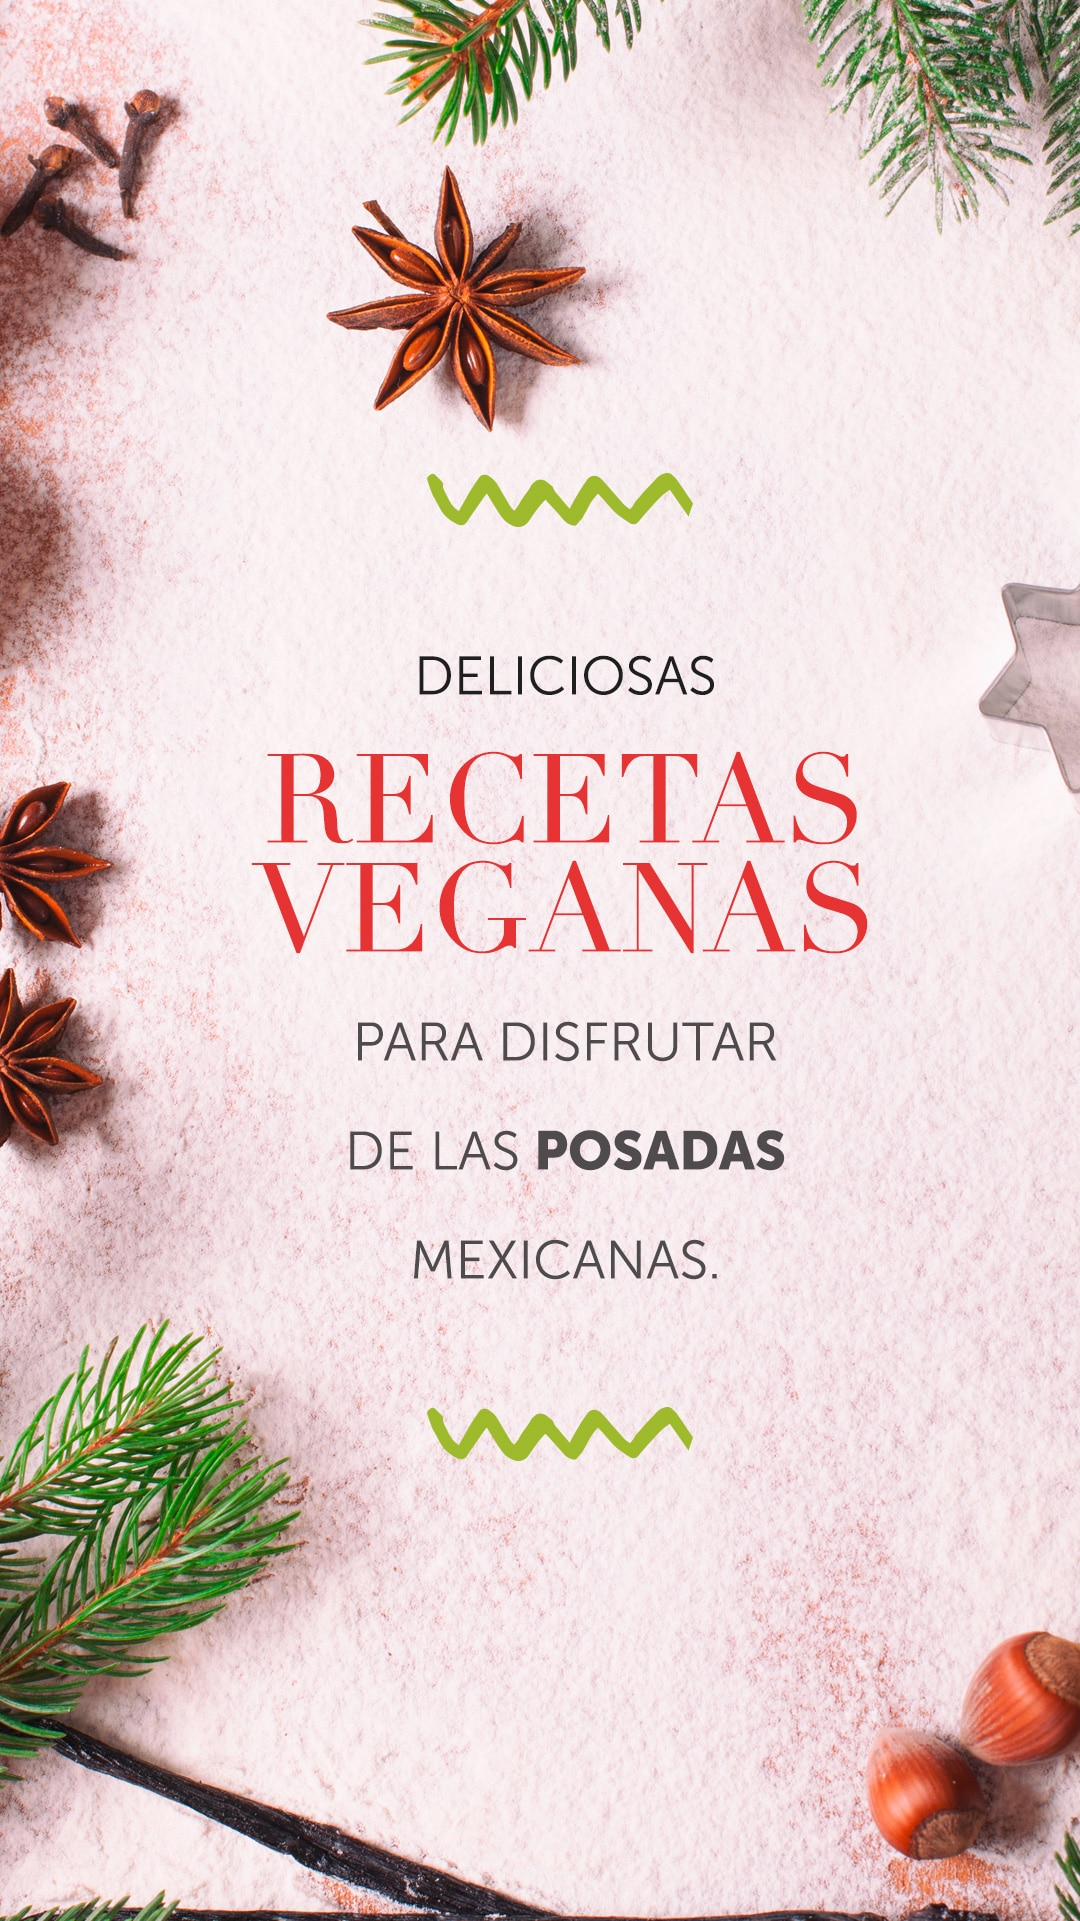 Deliciosas recetas veganas para disfrutar de las posadas mexicanas